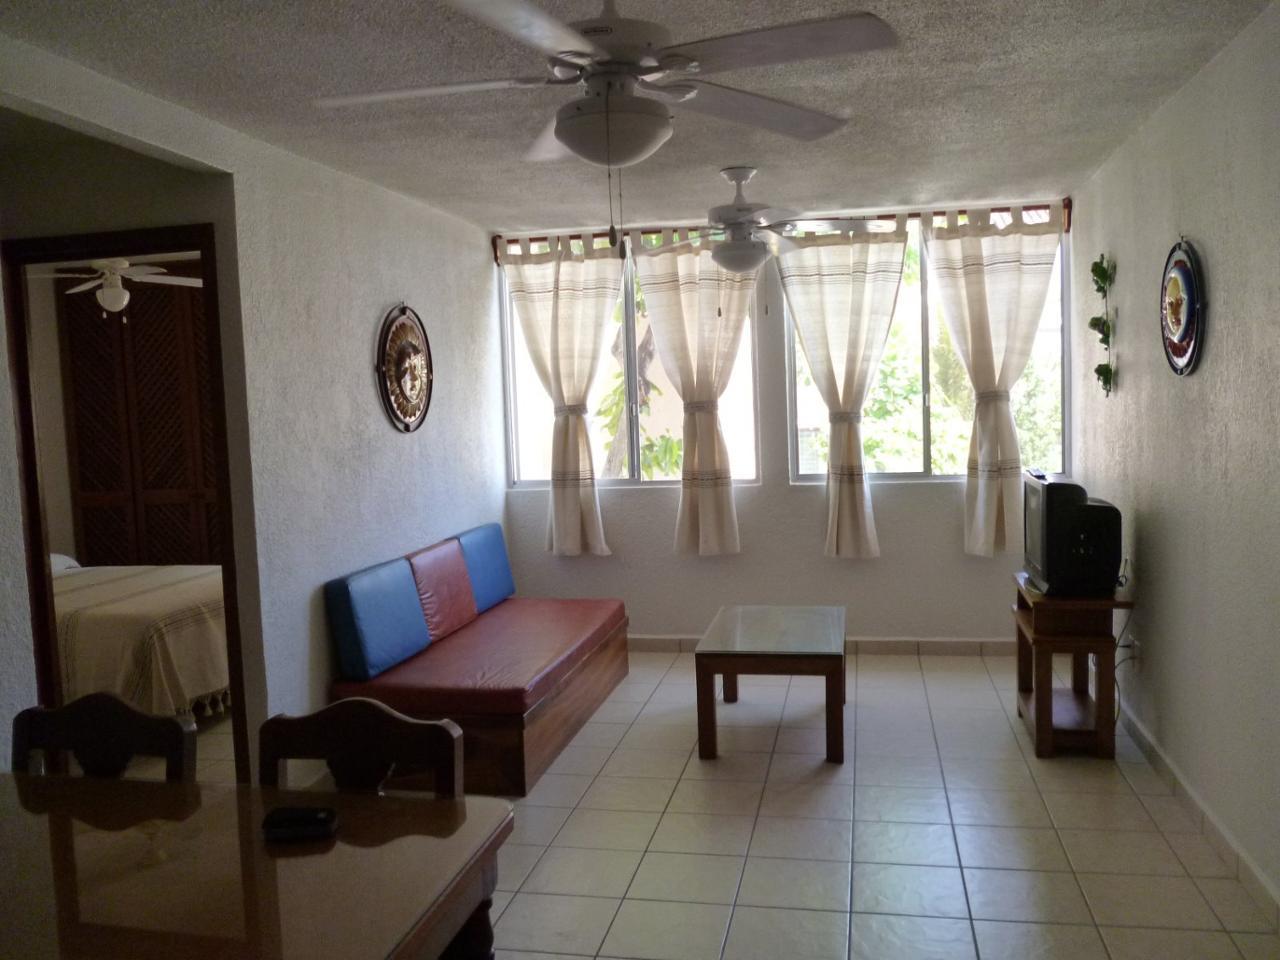 Renta departamento en bahias de huatulco oaxaca 475212 for Decoracion minimalista para departamentos